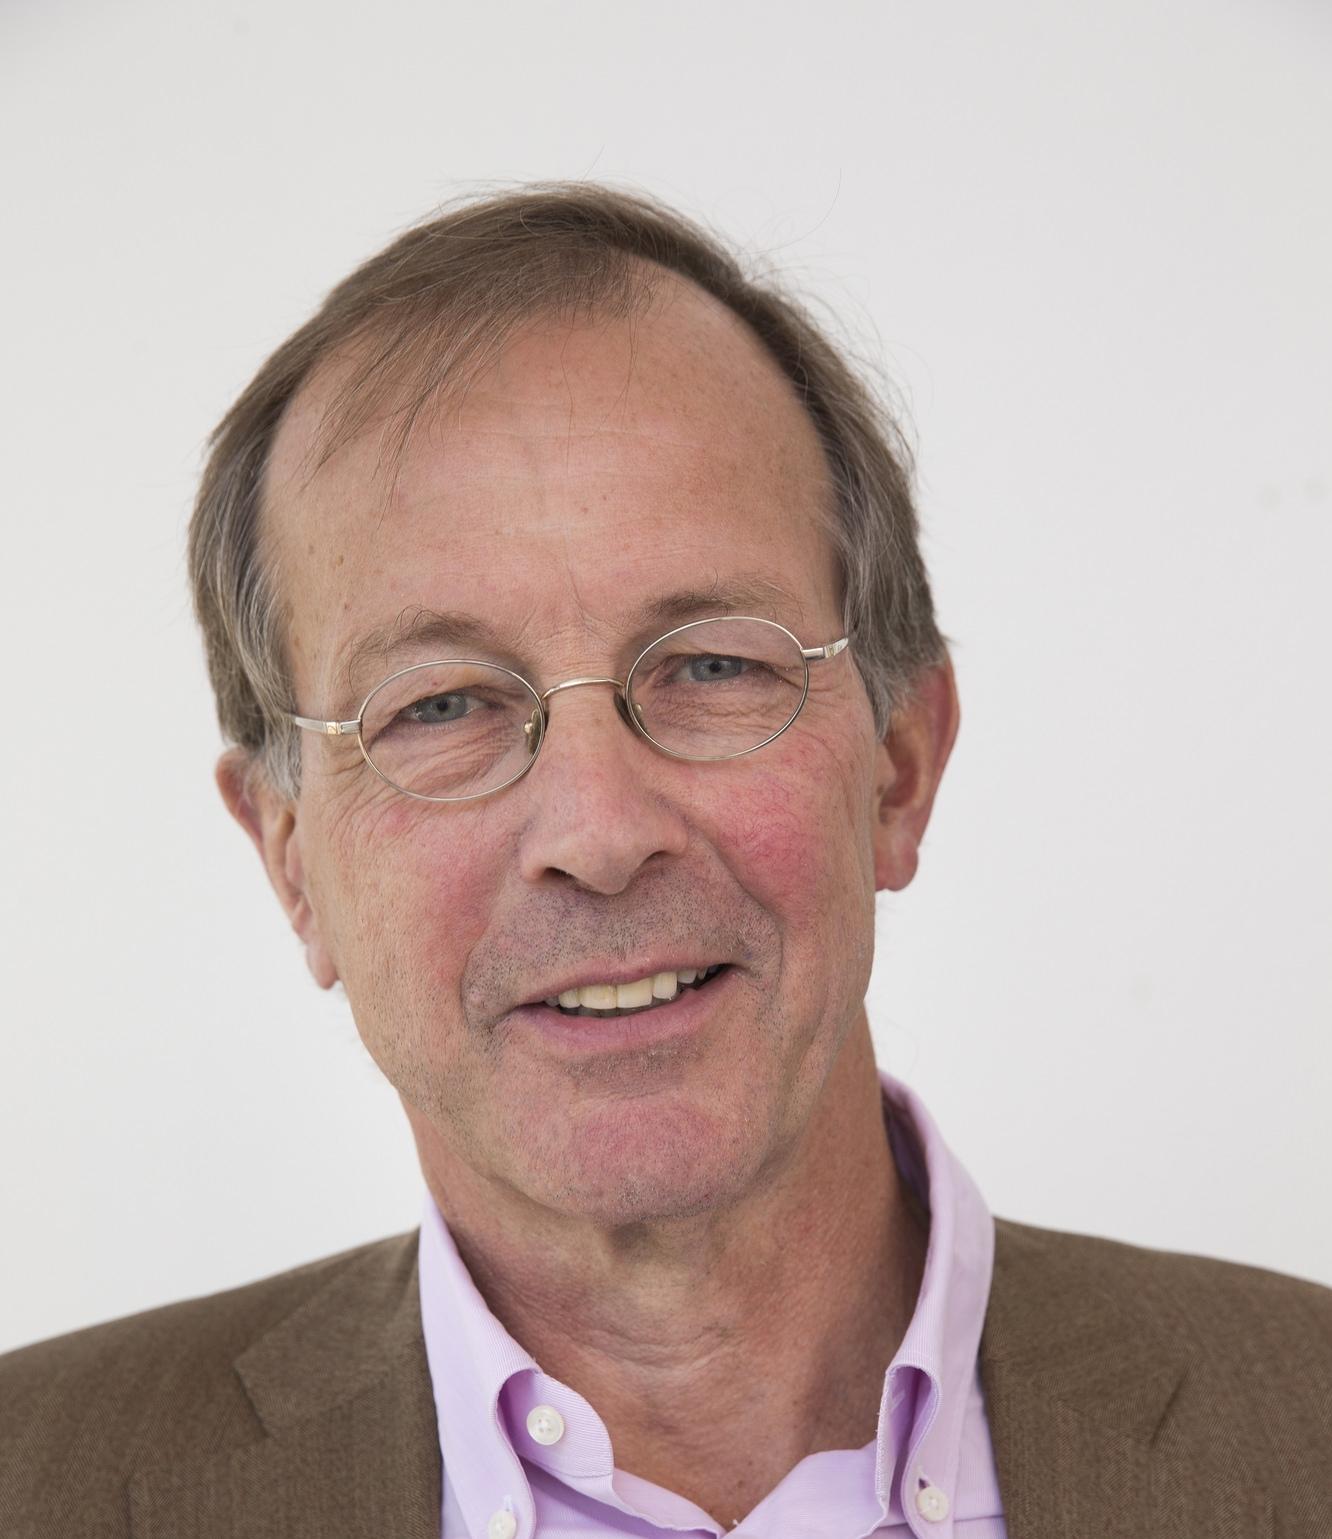 Copy of Pieter de Graeff (EMA, NED)